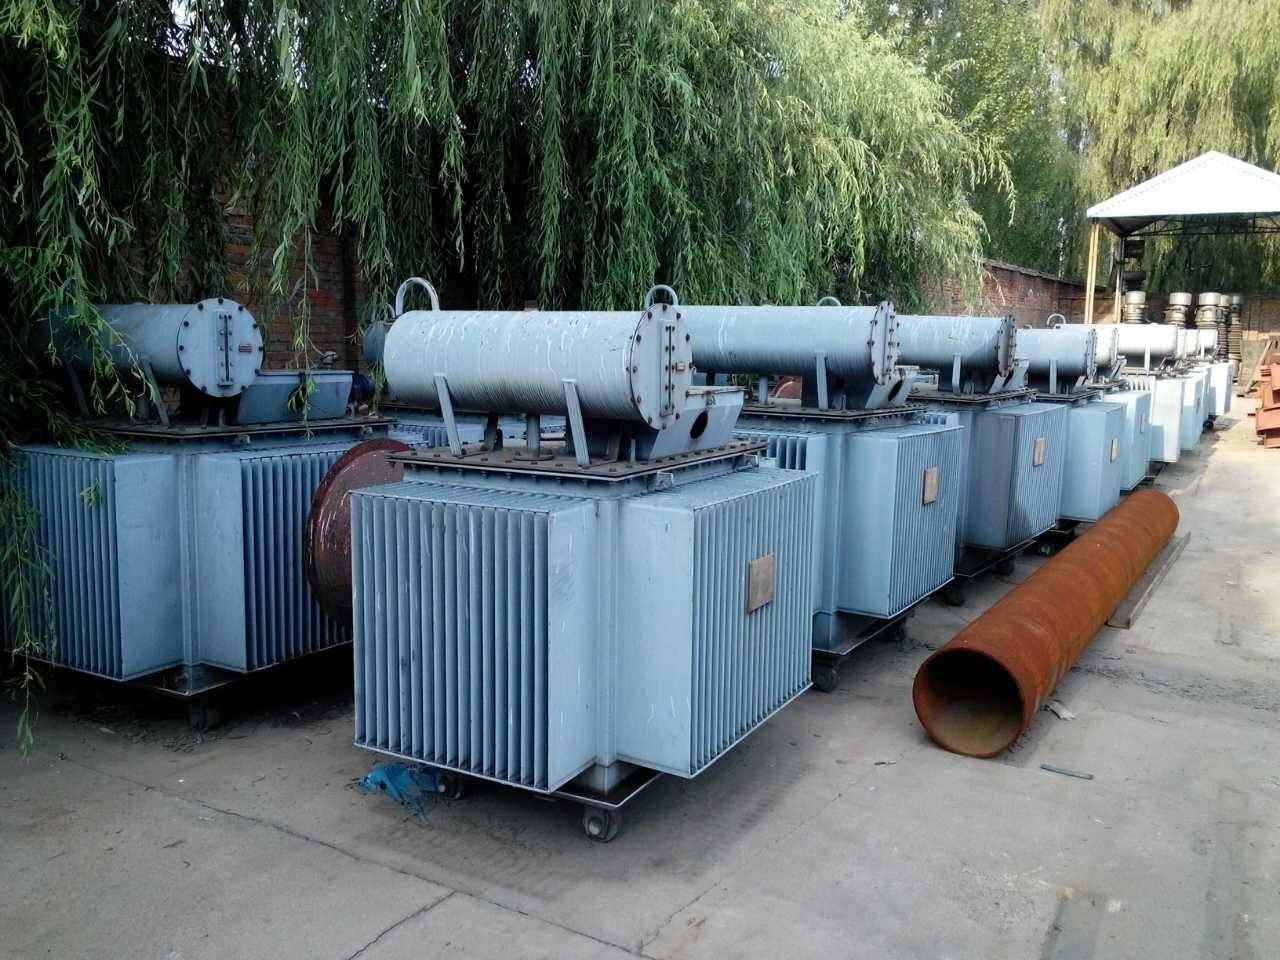 石家庄变压器回收-可信赖的变压器回收提供商